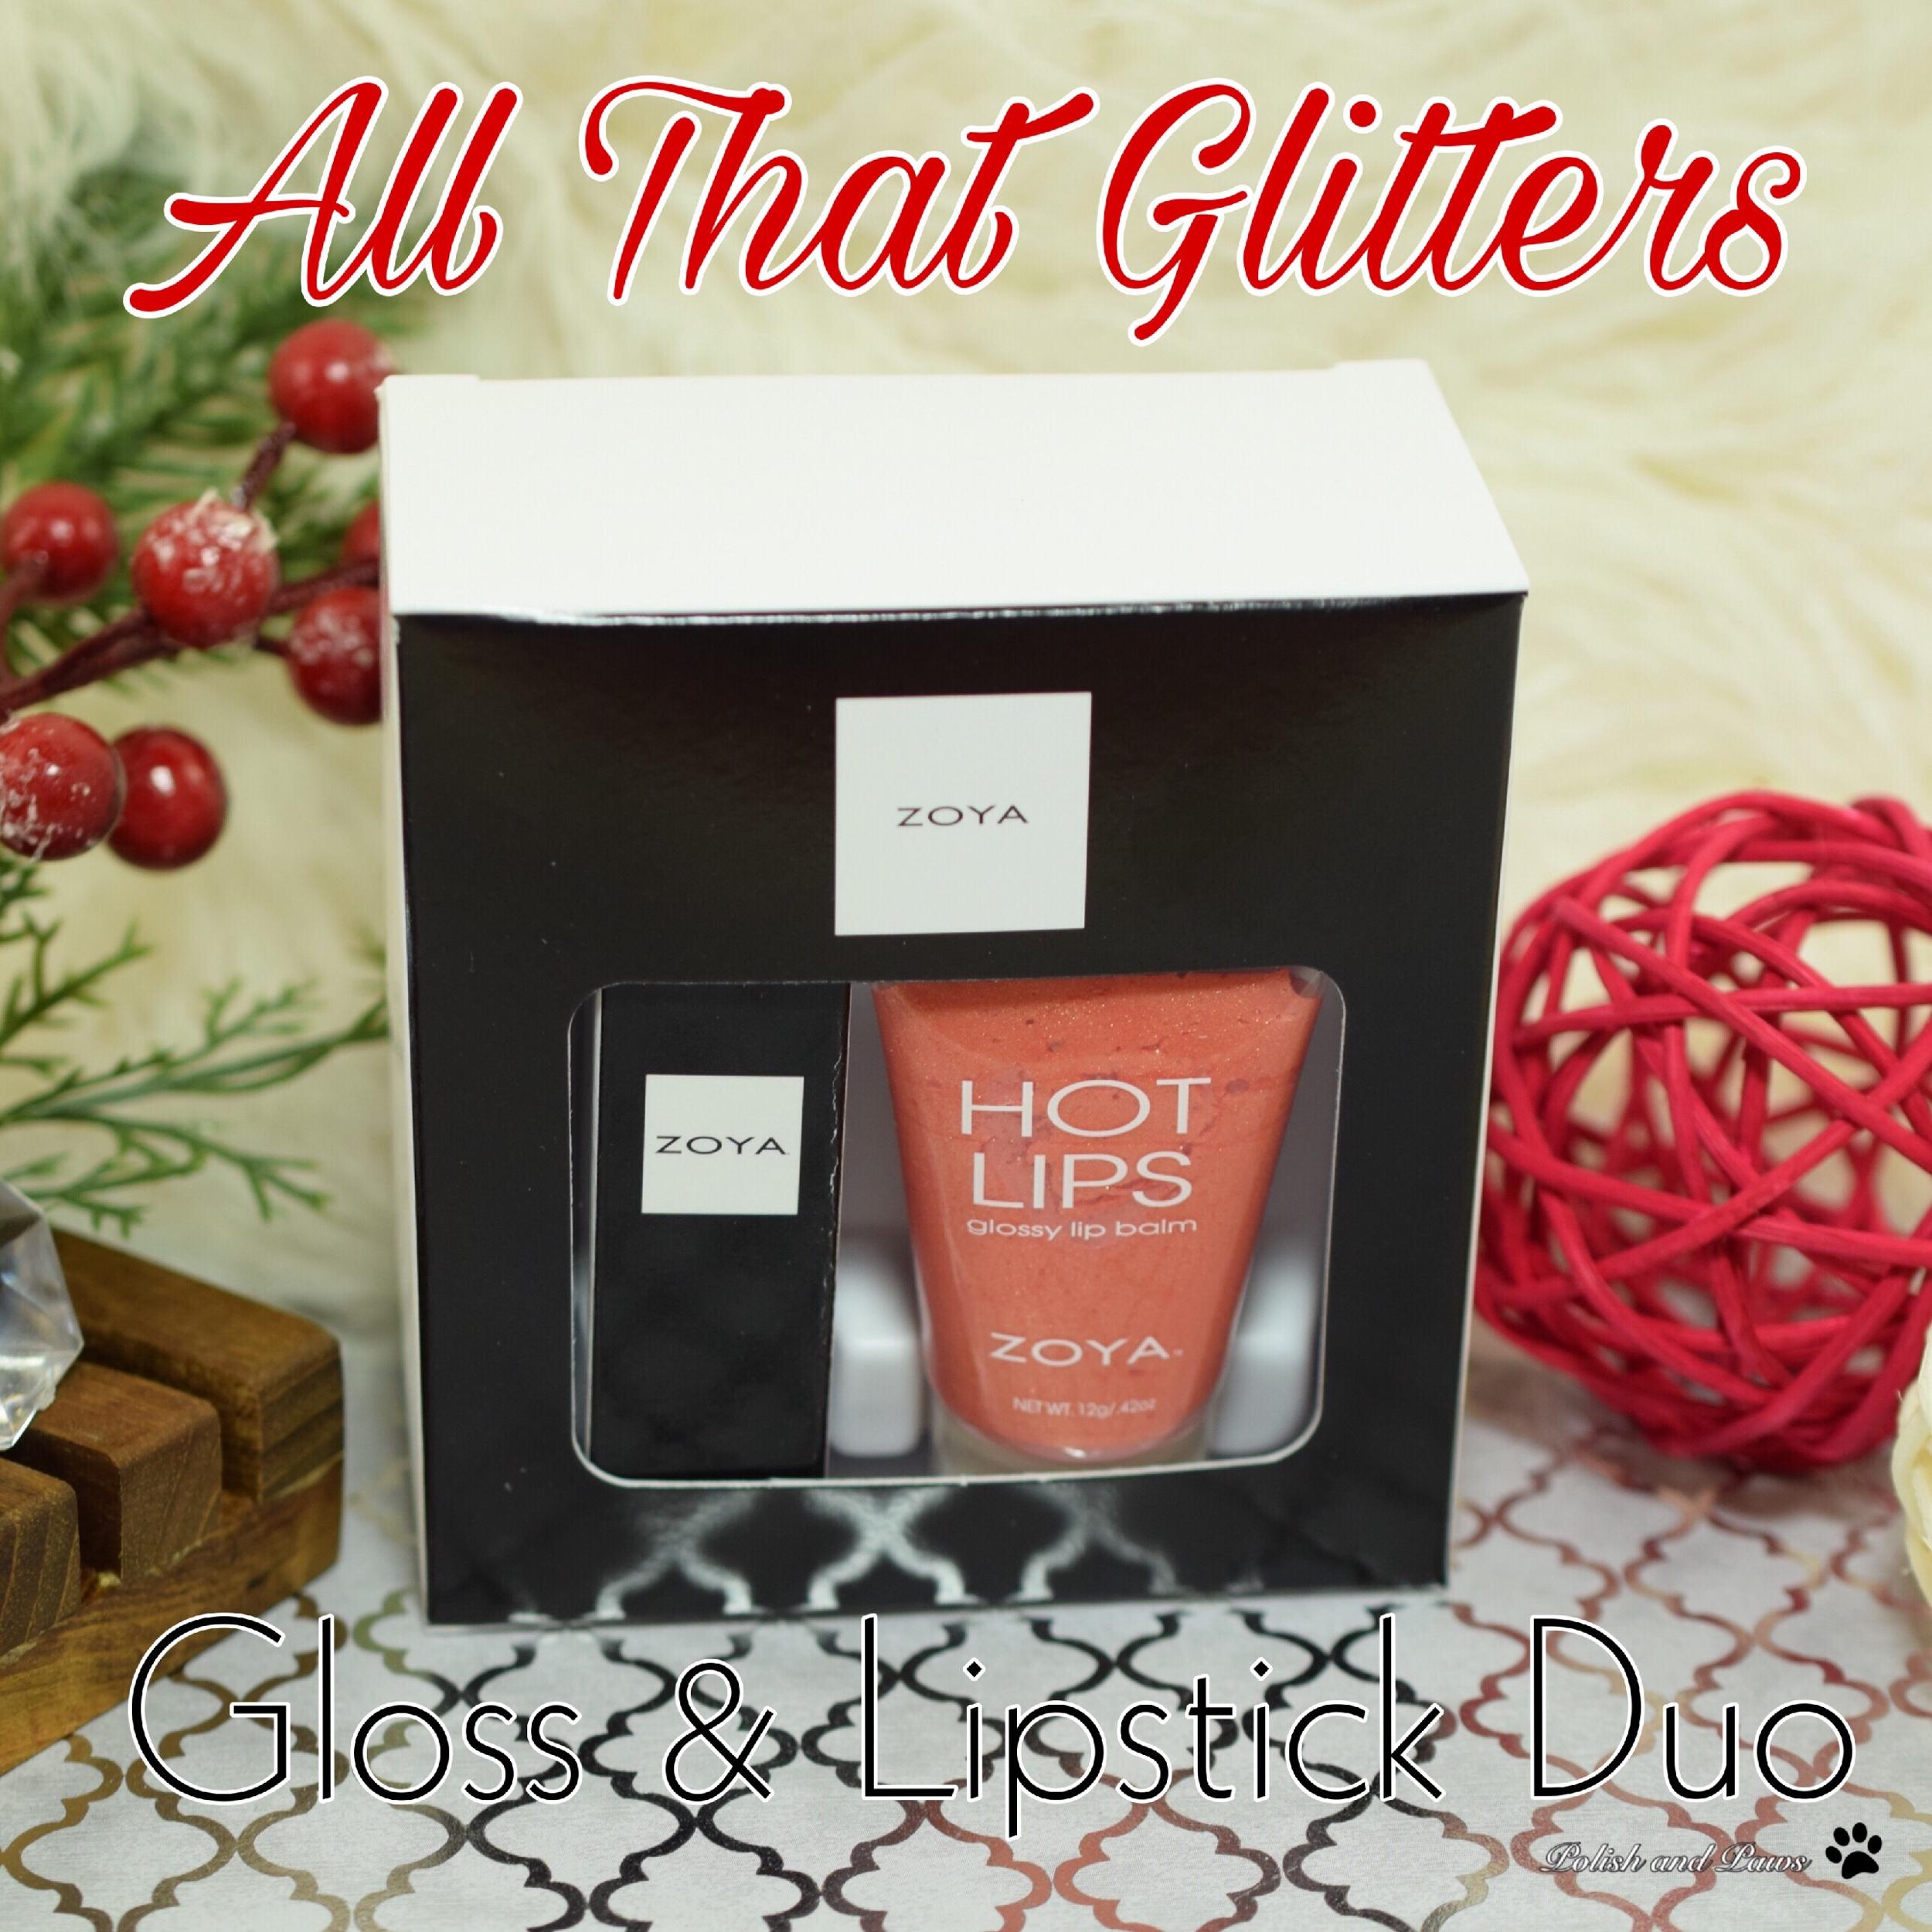 Zoya All That Glitters Gloss & Lipstick Duo